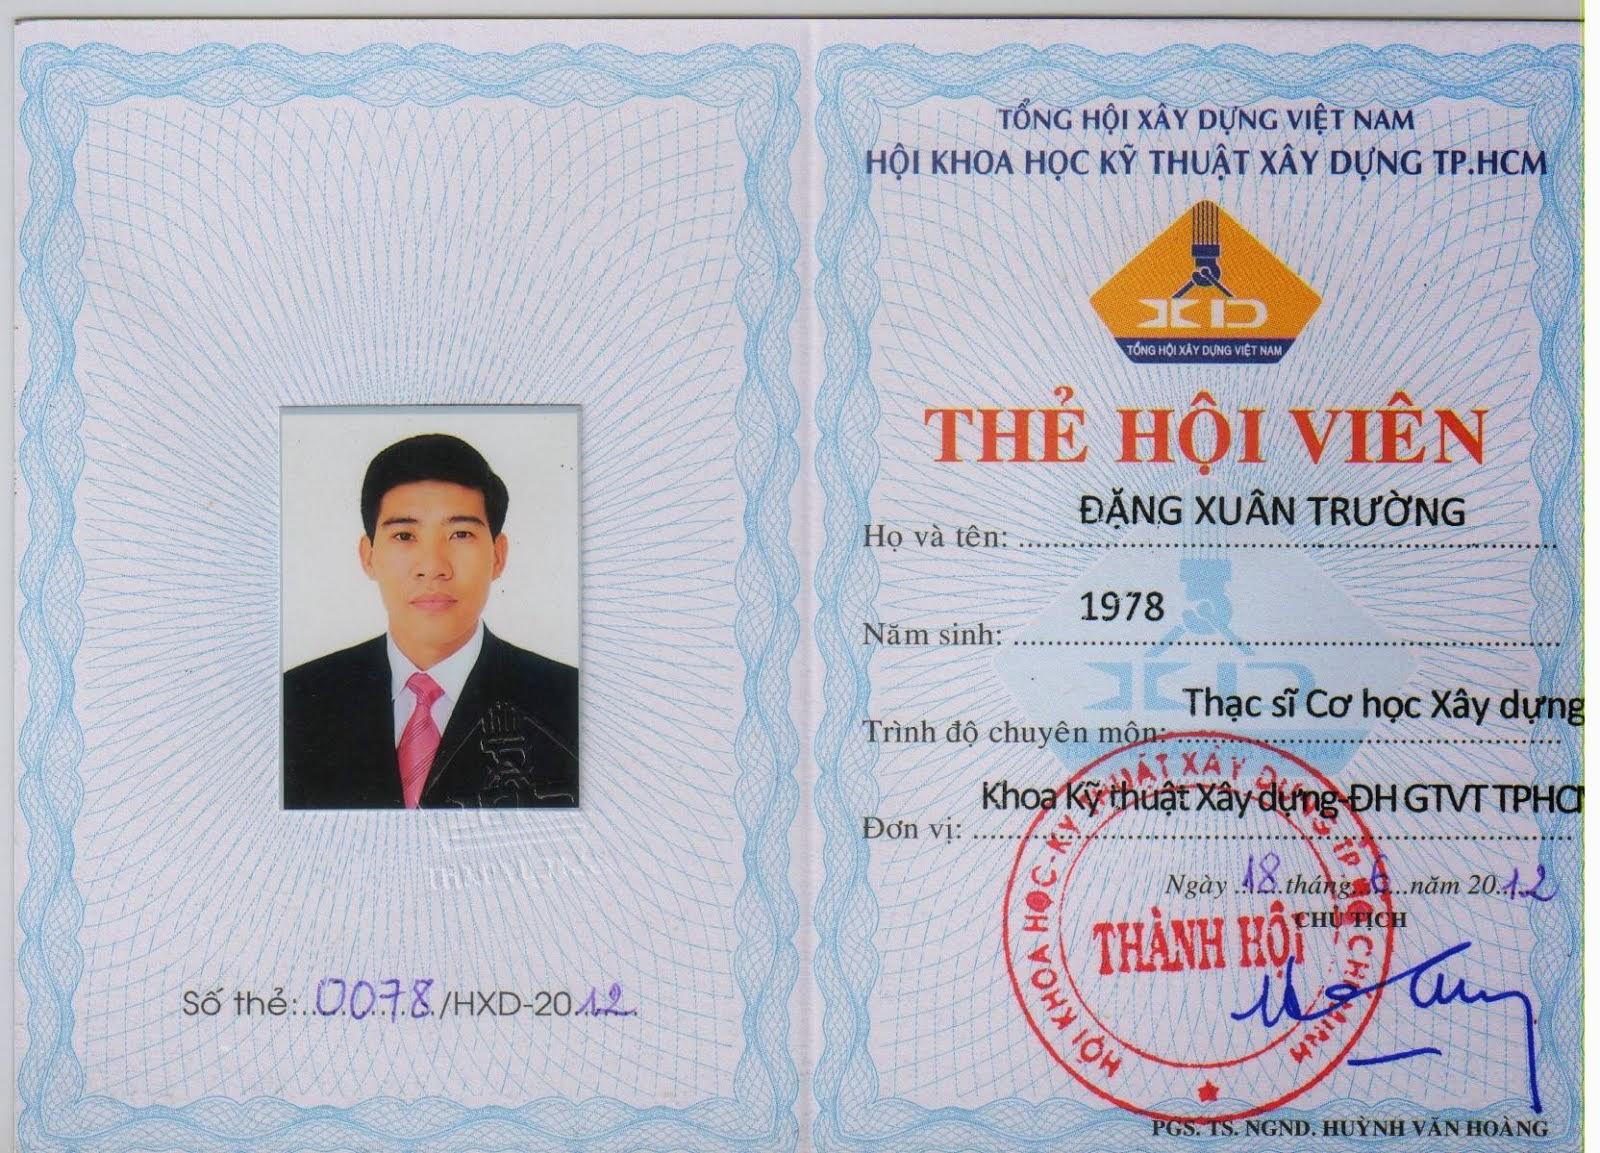 HV Hội KHKTXD TP.HCM